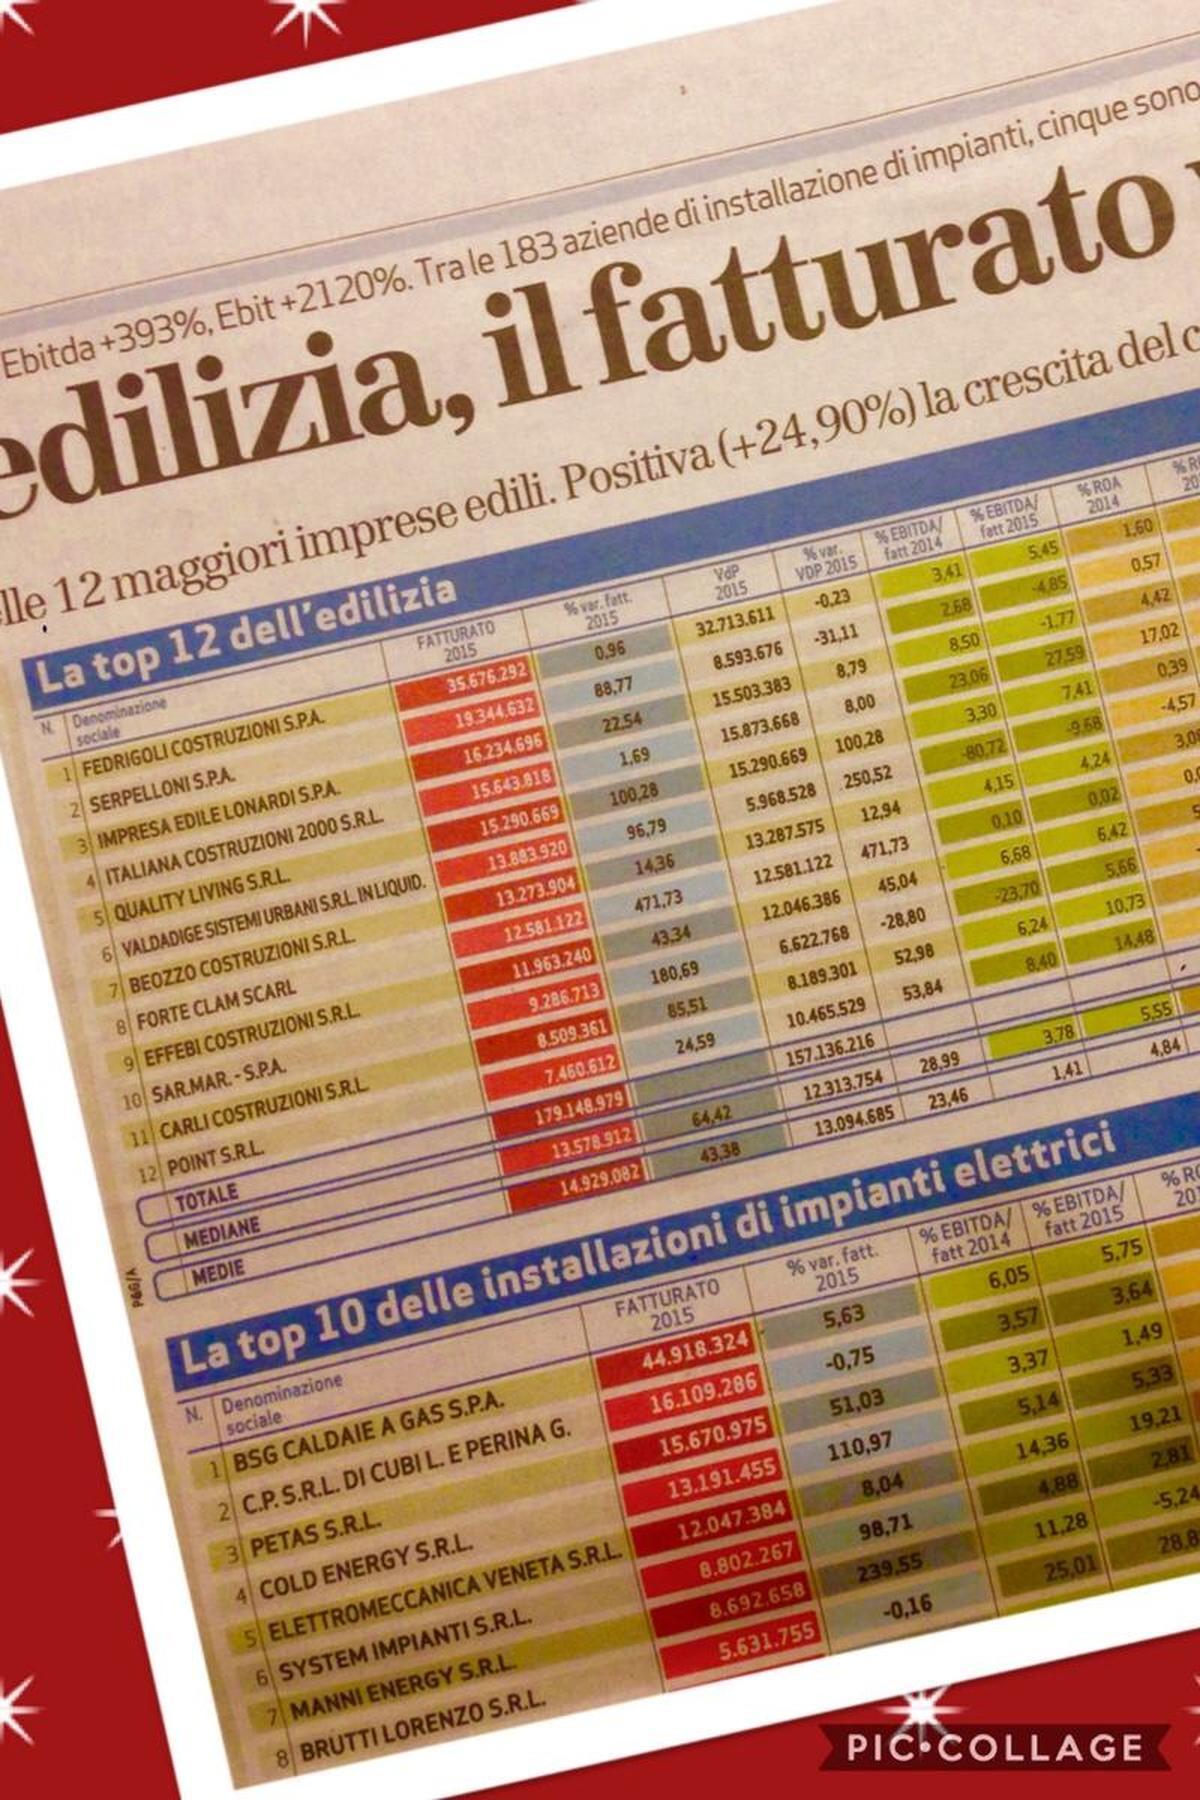 LA TOP 12 DELL' EDILIZIA